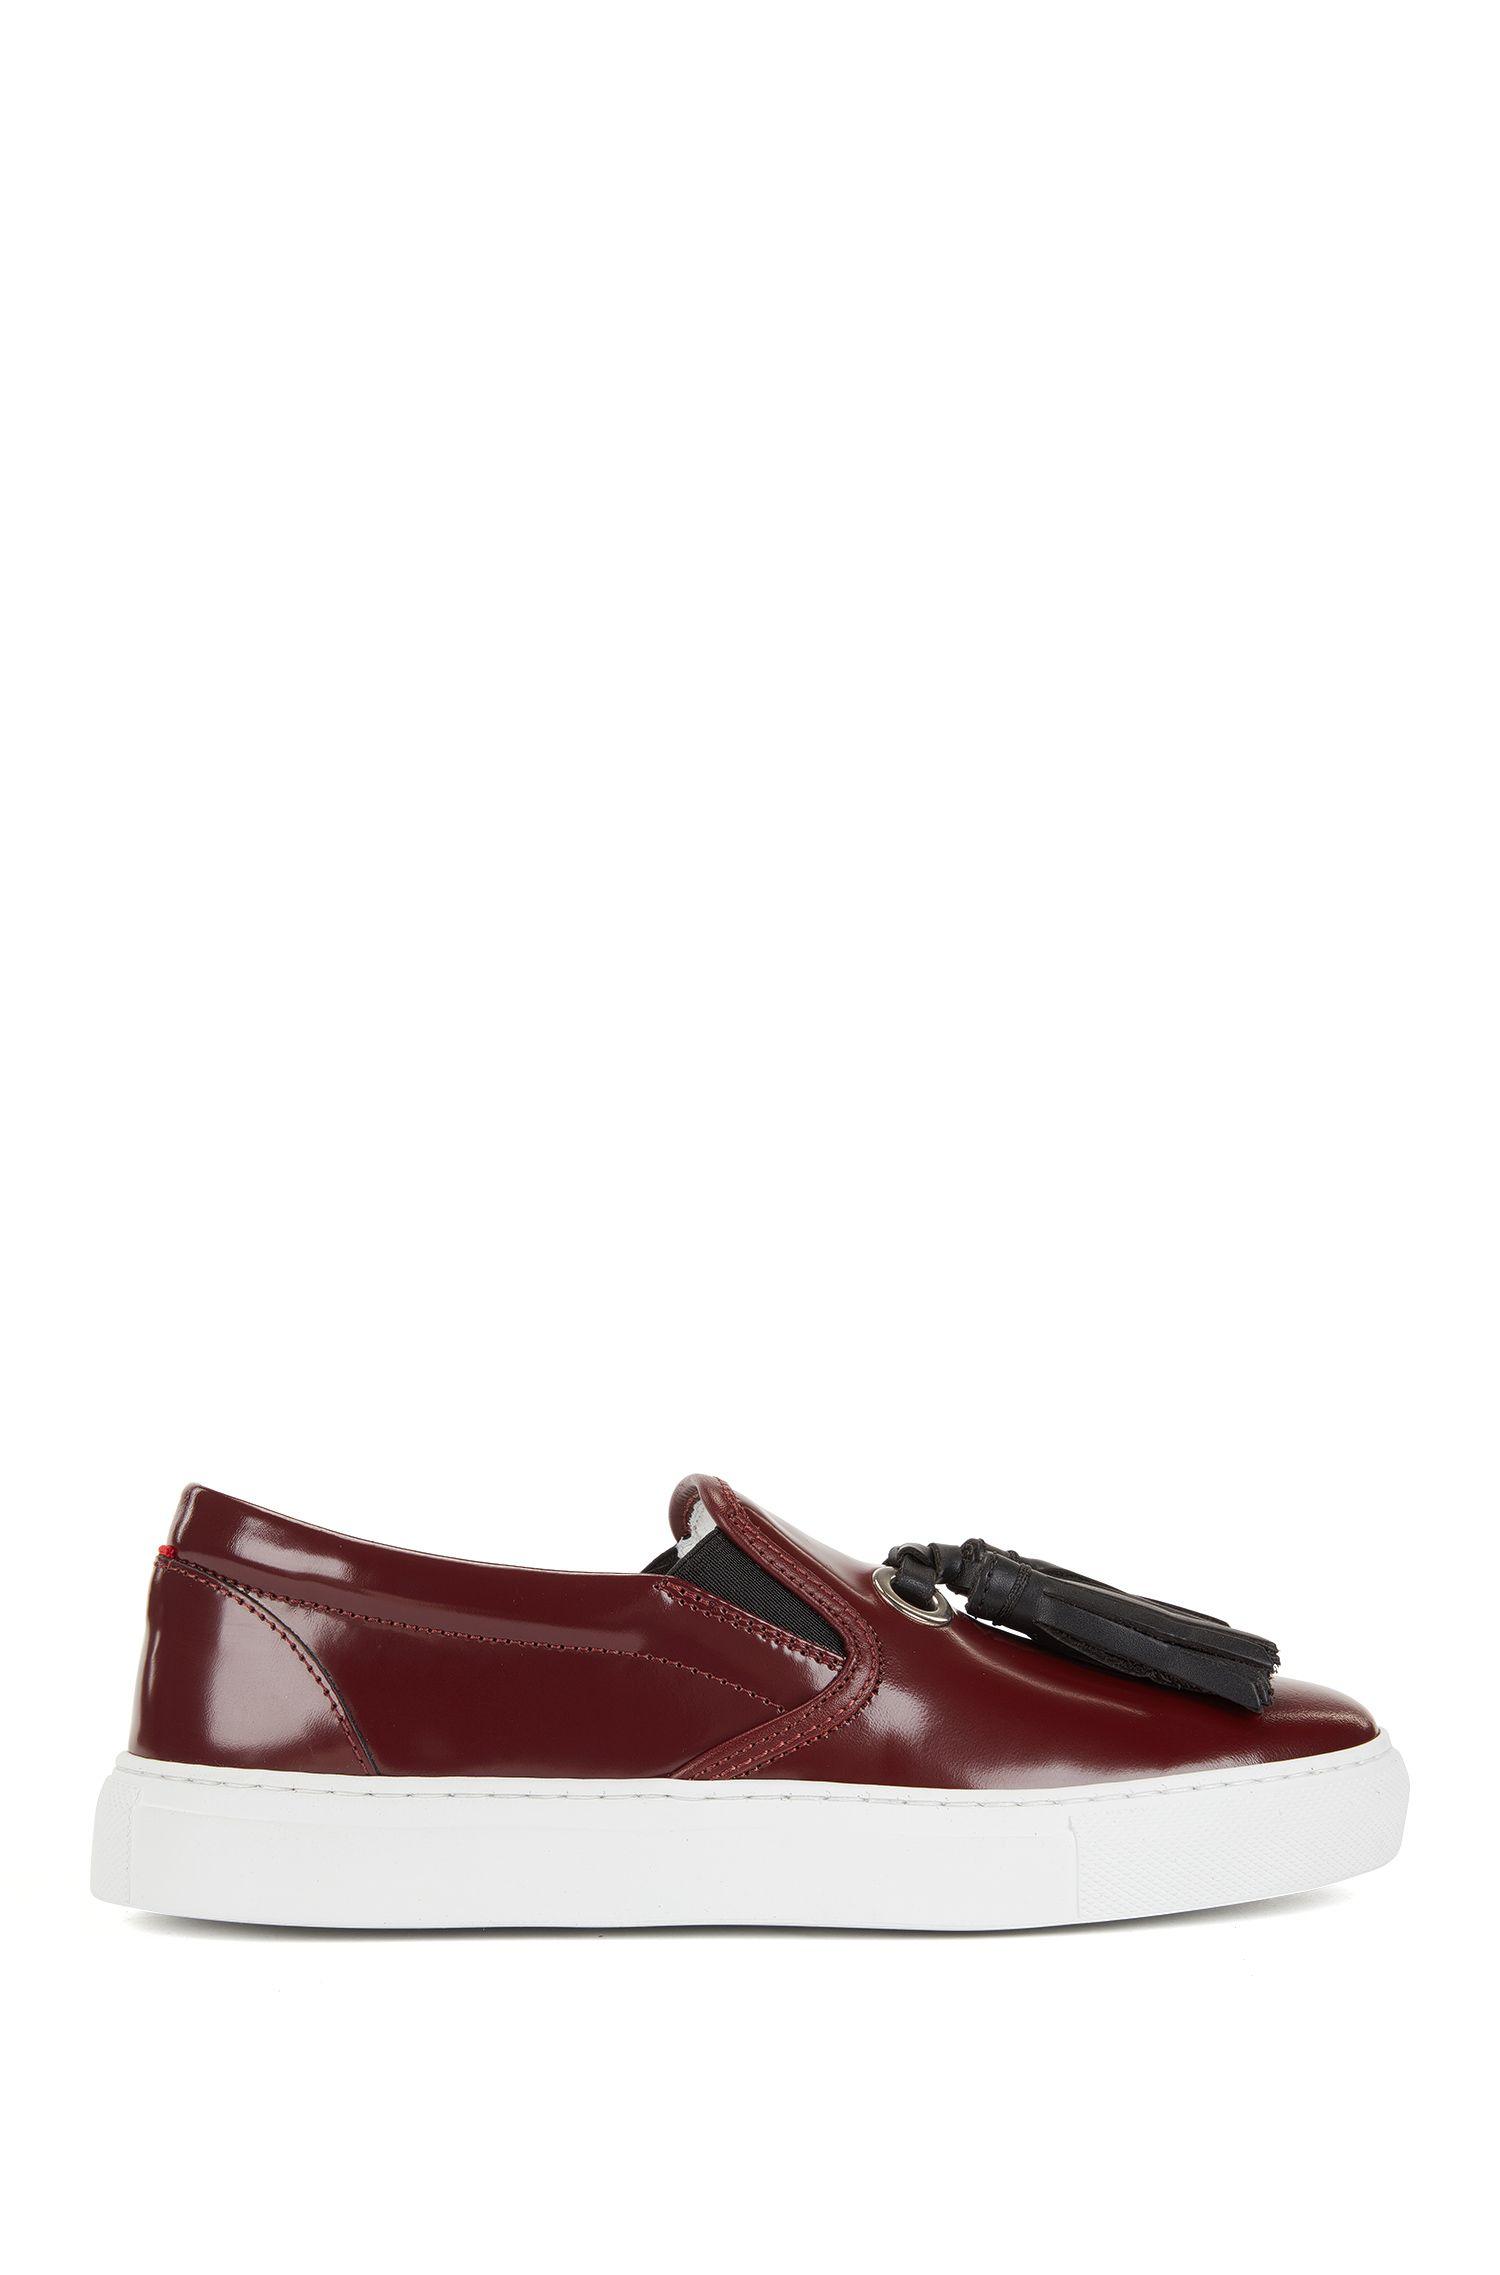 Loafers aus italienischem Leder mit Quasten